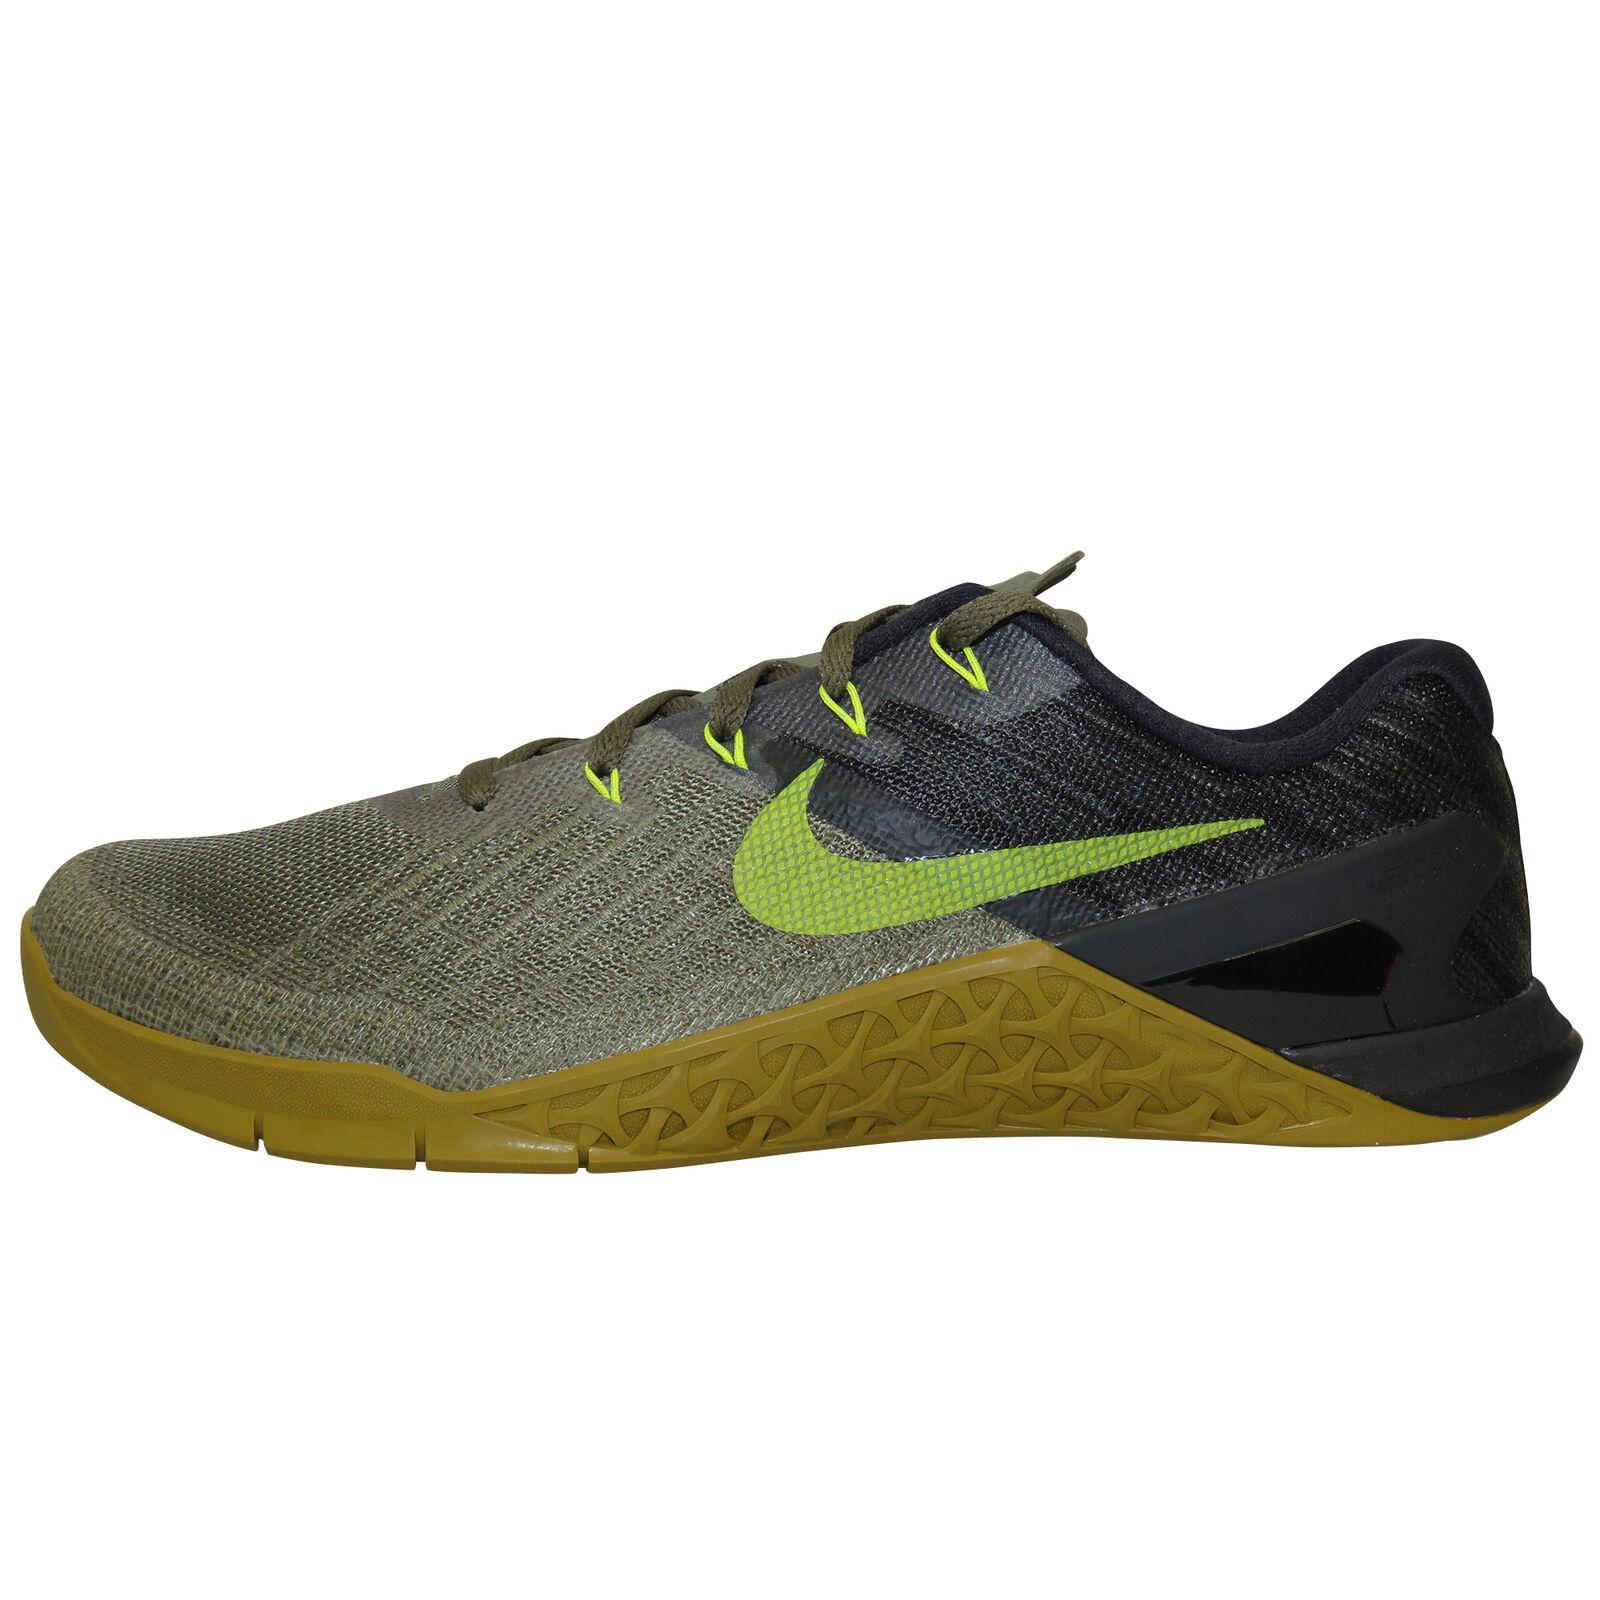 Detalles de Nike Metcon 3 OlivaNegro CrossfitZapatillas de Entrenamiento 852928 201